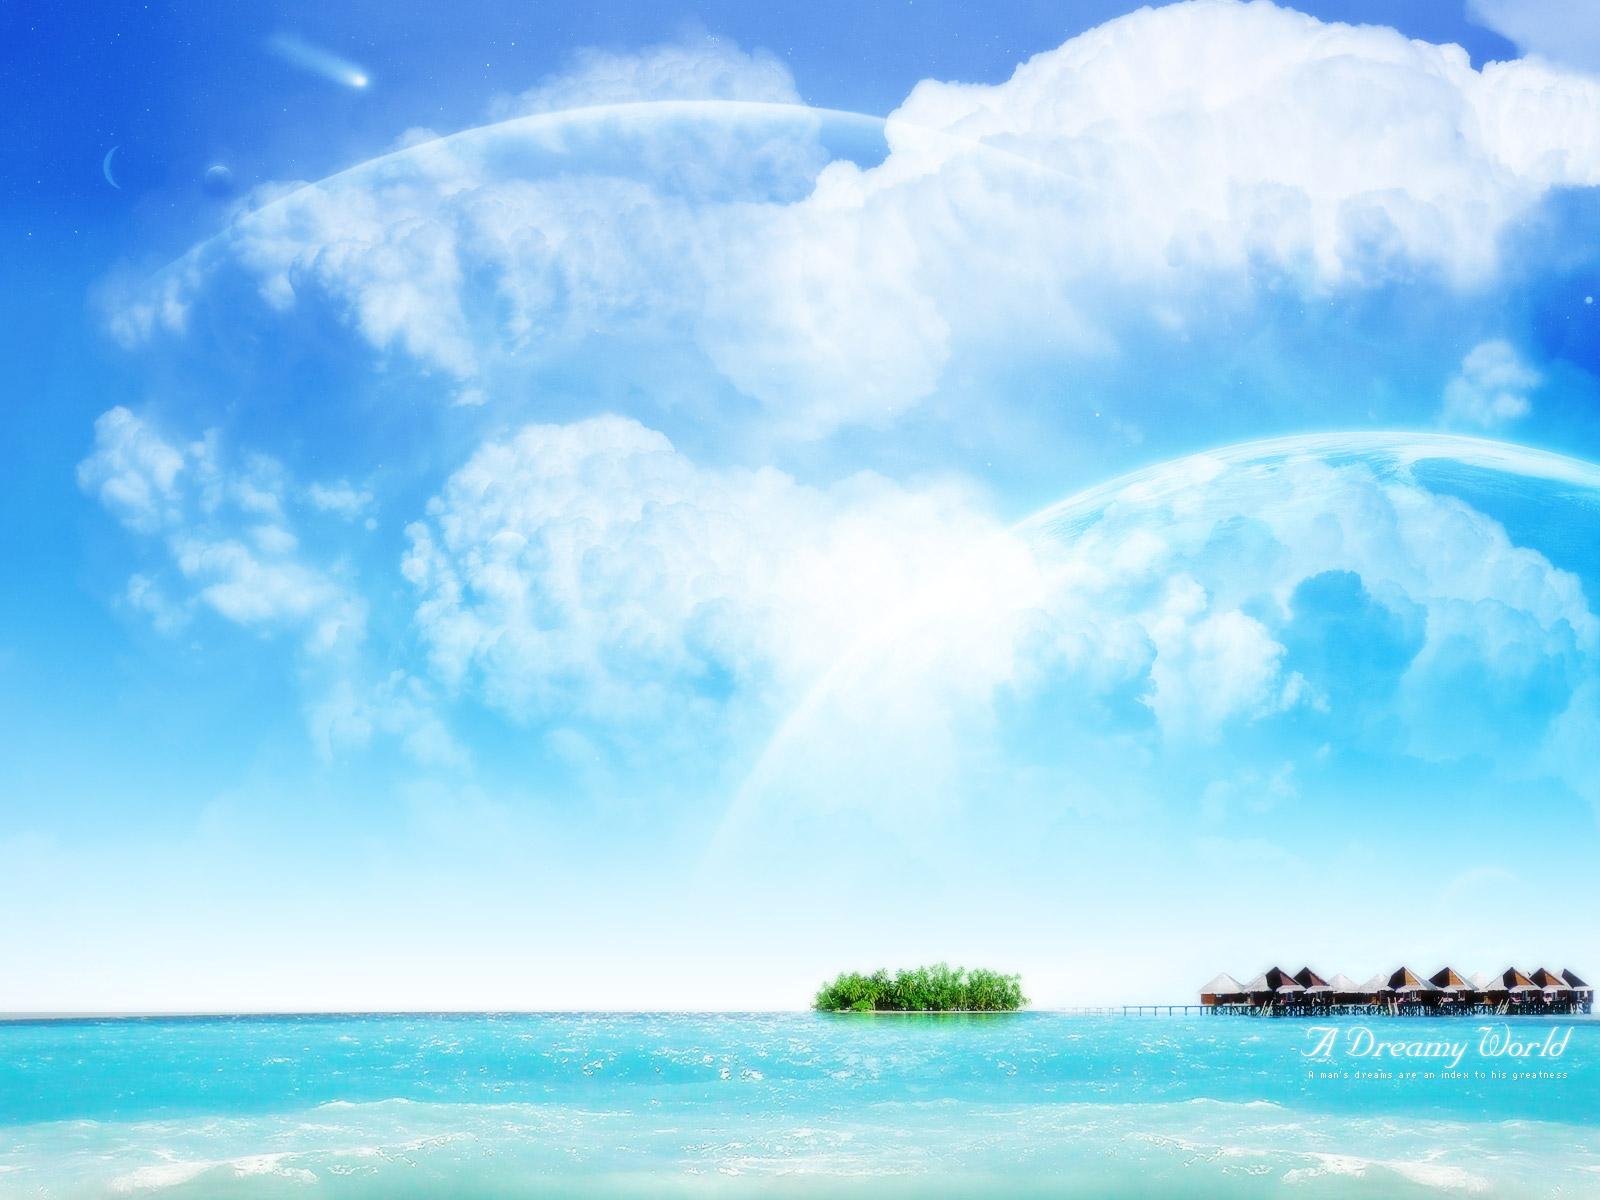 море, легкие перистые облака, скачать фото, обои для рабочего стола